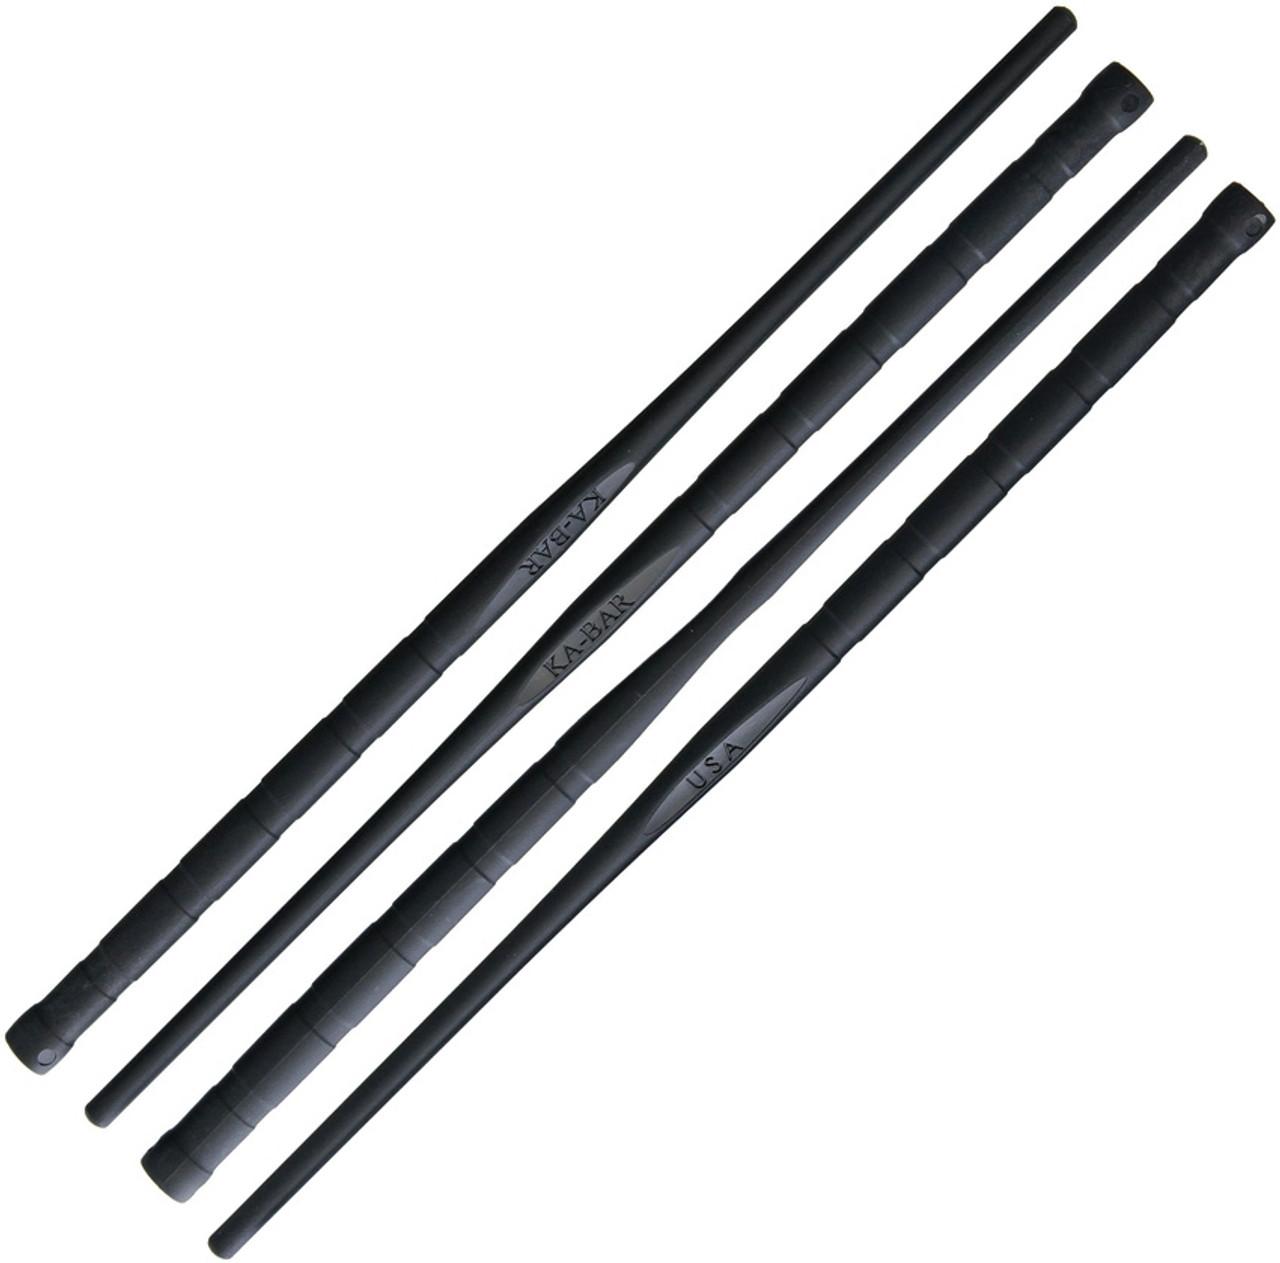 Kabar Tactical Chopsticks